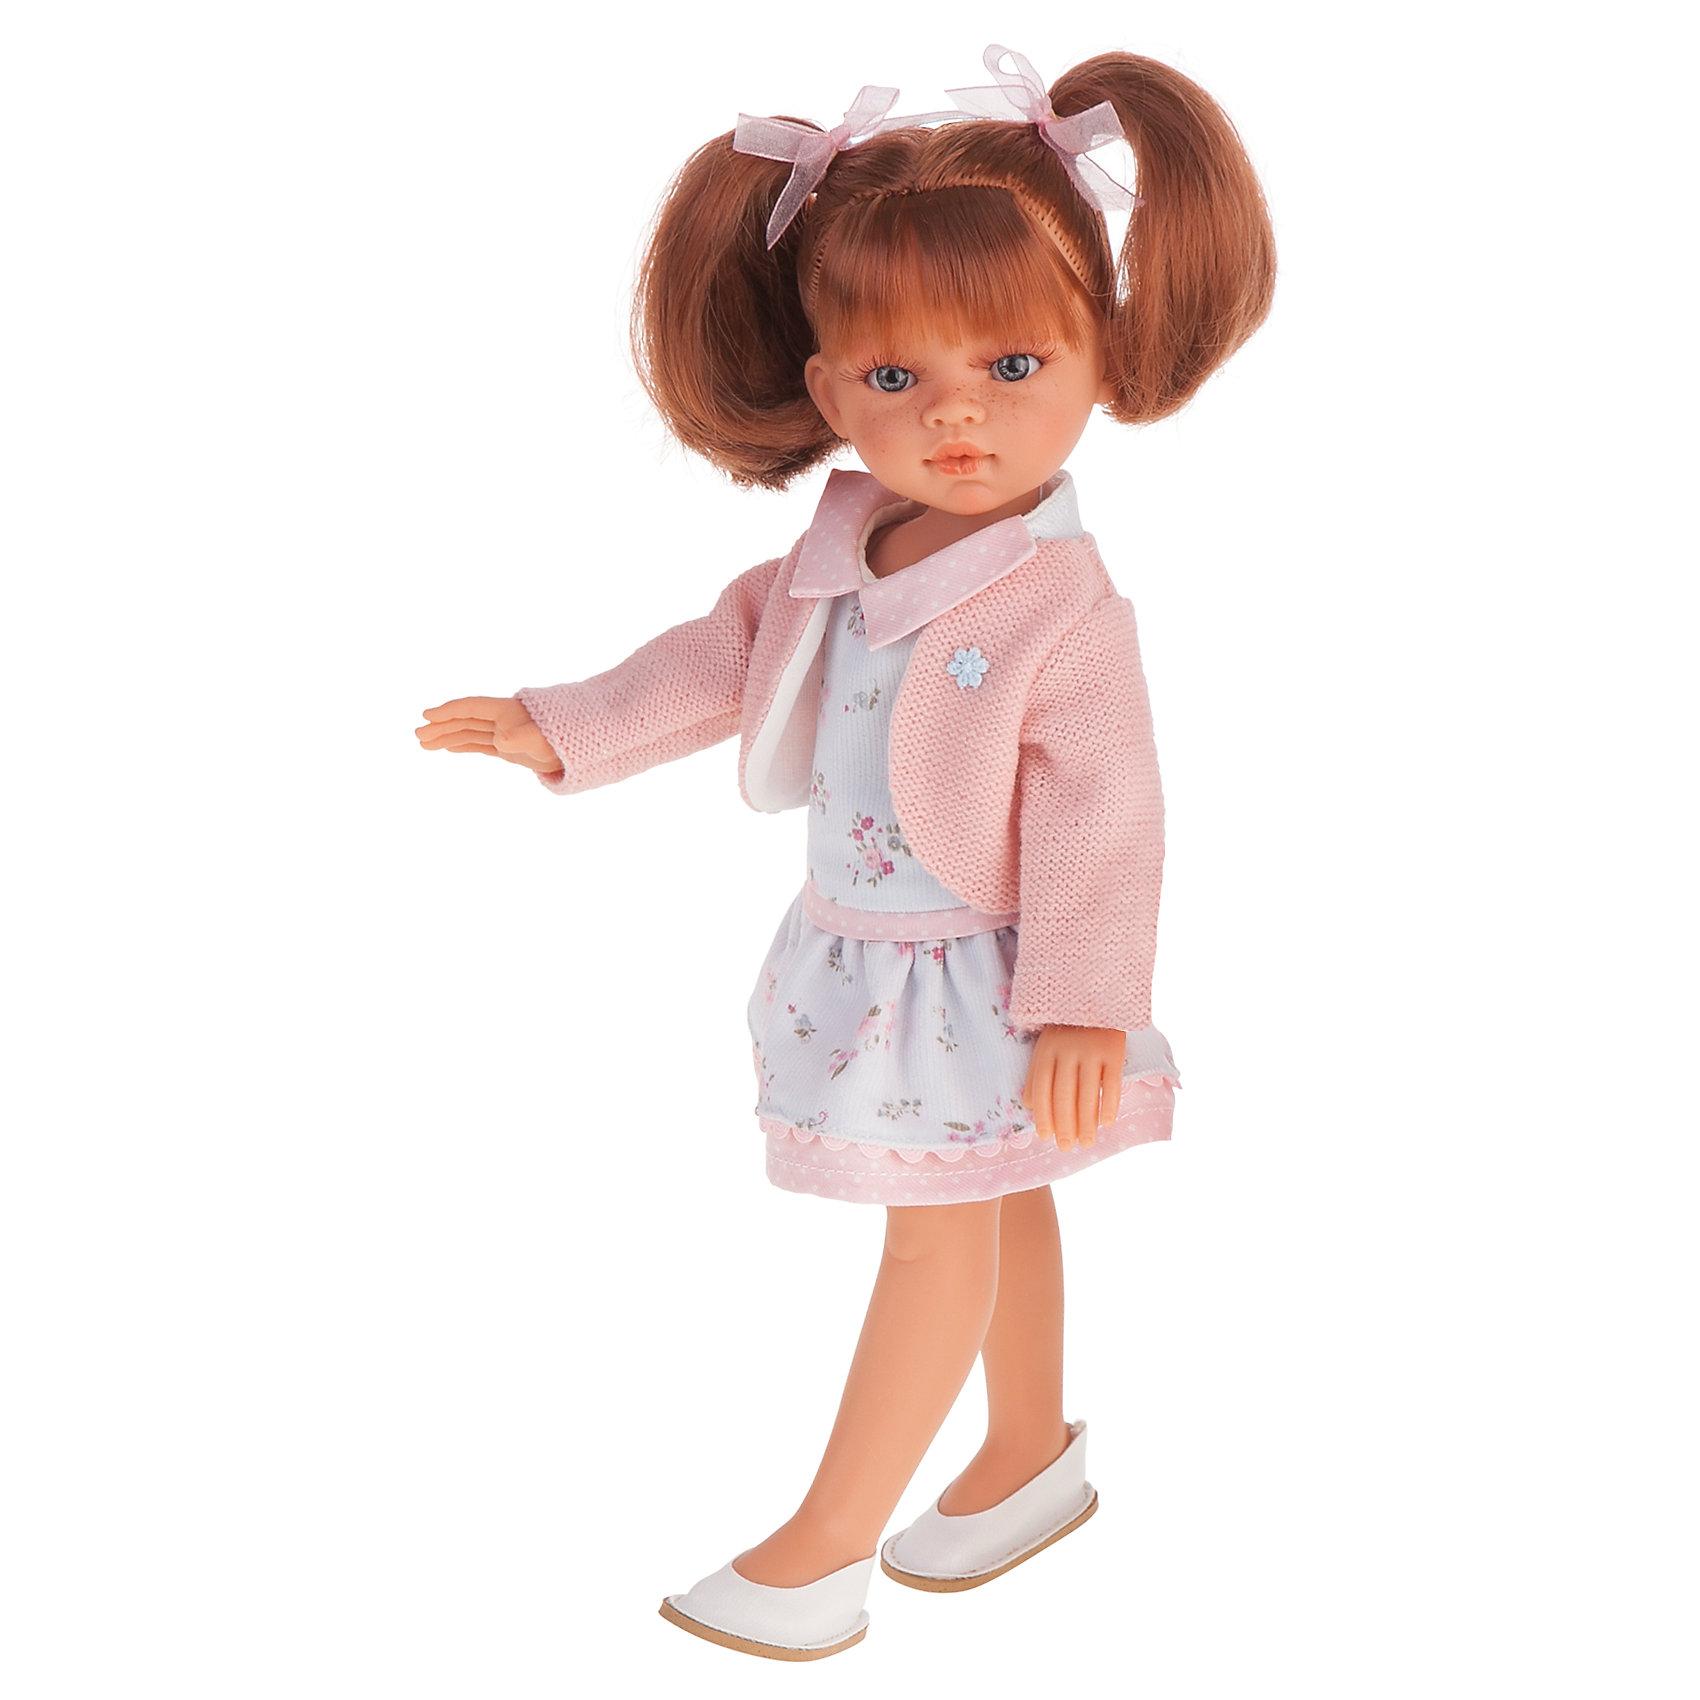 Эльвира летний образ, рыжая, 33 см, Munecas Antonio JuanБренды кукол<br>Эльвира летний образ, рыжая, 33 см, Munecas Antonio Juan (Мунекас от Антонио Хуан) ? это новый образ серии кукол от всемирно известного испанского бренда Мунекас от Антонио Хуан, который знаменит своими реалистичными куклами. Кукла изготовлена из винила высшего качества с добавлением силикона. Это куклы в образе подросших девочек, которые уже умеют разбираться в стильной одежде и правильно подбирать комплекты в зависимости от сезона. Эти куклы имеют стройную фигуру и милые выражения лица. Руки и ноги у куклы подвижны, голова поворачивается в стороны, глаза не закрываются. <br>Эльвира ? очаровательная девочка с рыжими волосами, голубыми глазами и рассыпанными по всему лицу веснушками. Эта симпатичная юная леди непременно станет лучшей подружкой для вашей дочери.<br>Эльвира летний образ, рыжая, 33 см, Munecas Antonio Juan (Мунекас от Антонио Хуан) научит вашу девочку чувствовать стиль в одежде, отличать дизайнерские вещи и правильно подбирать комплекты.<br>Эльвира в летнем образе одета в стильное платье с цветочным принтом и нежно розовое болеро, на котором прикреплена брошка в форме цветка. На ногах у нее белые туфли. Весь комплект демонстрирует сдержанность и стиль.<br>Куклы JUAN ANTONIO munecas (Мунекас от Антонио Хуан) ? мечта девочки любого возраста!<br><br>Дополнительная информация:<br><br>- Вид игр: сюжетно-ролевые игры <br>- Материал: винил, текстиль<br>- Высота куклы: 33 см<br>- Вес: 8 кг 400 г<br>- Особенности ухода: одежда ? ручная стирка, куклу можно купать <br><br>Подробнее:<br><br>• Для детей в возрасте: от 3 лет и до 6 лет<br>• Страна производитель: Испания<br>• Торговый бренд: JUAN ANTONIO munecas <br><br>Куклу Эльвиру летний образ, 33 см, Munecas Antonio Juan (Мунекас от Антонио Хуан) можно купить в нашем интернет-магазине.<br><br>Ширина мм: 390<br>Глубина мм: 245<br>Высота мм: 95<br>Вес г: 8400<br>Возраст от месяцев: 36<br>Возраст до месяцев: 72<br>Пол: Женский<br>Возраст: Детски